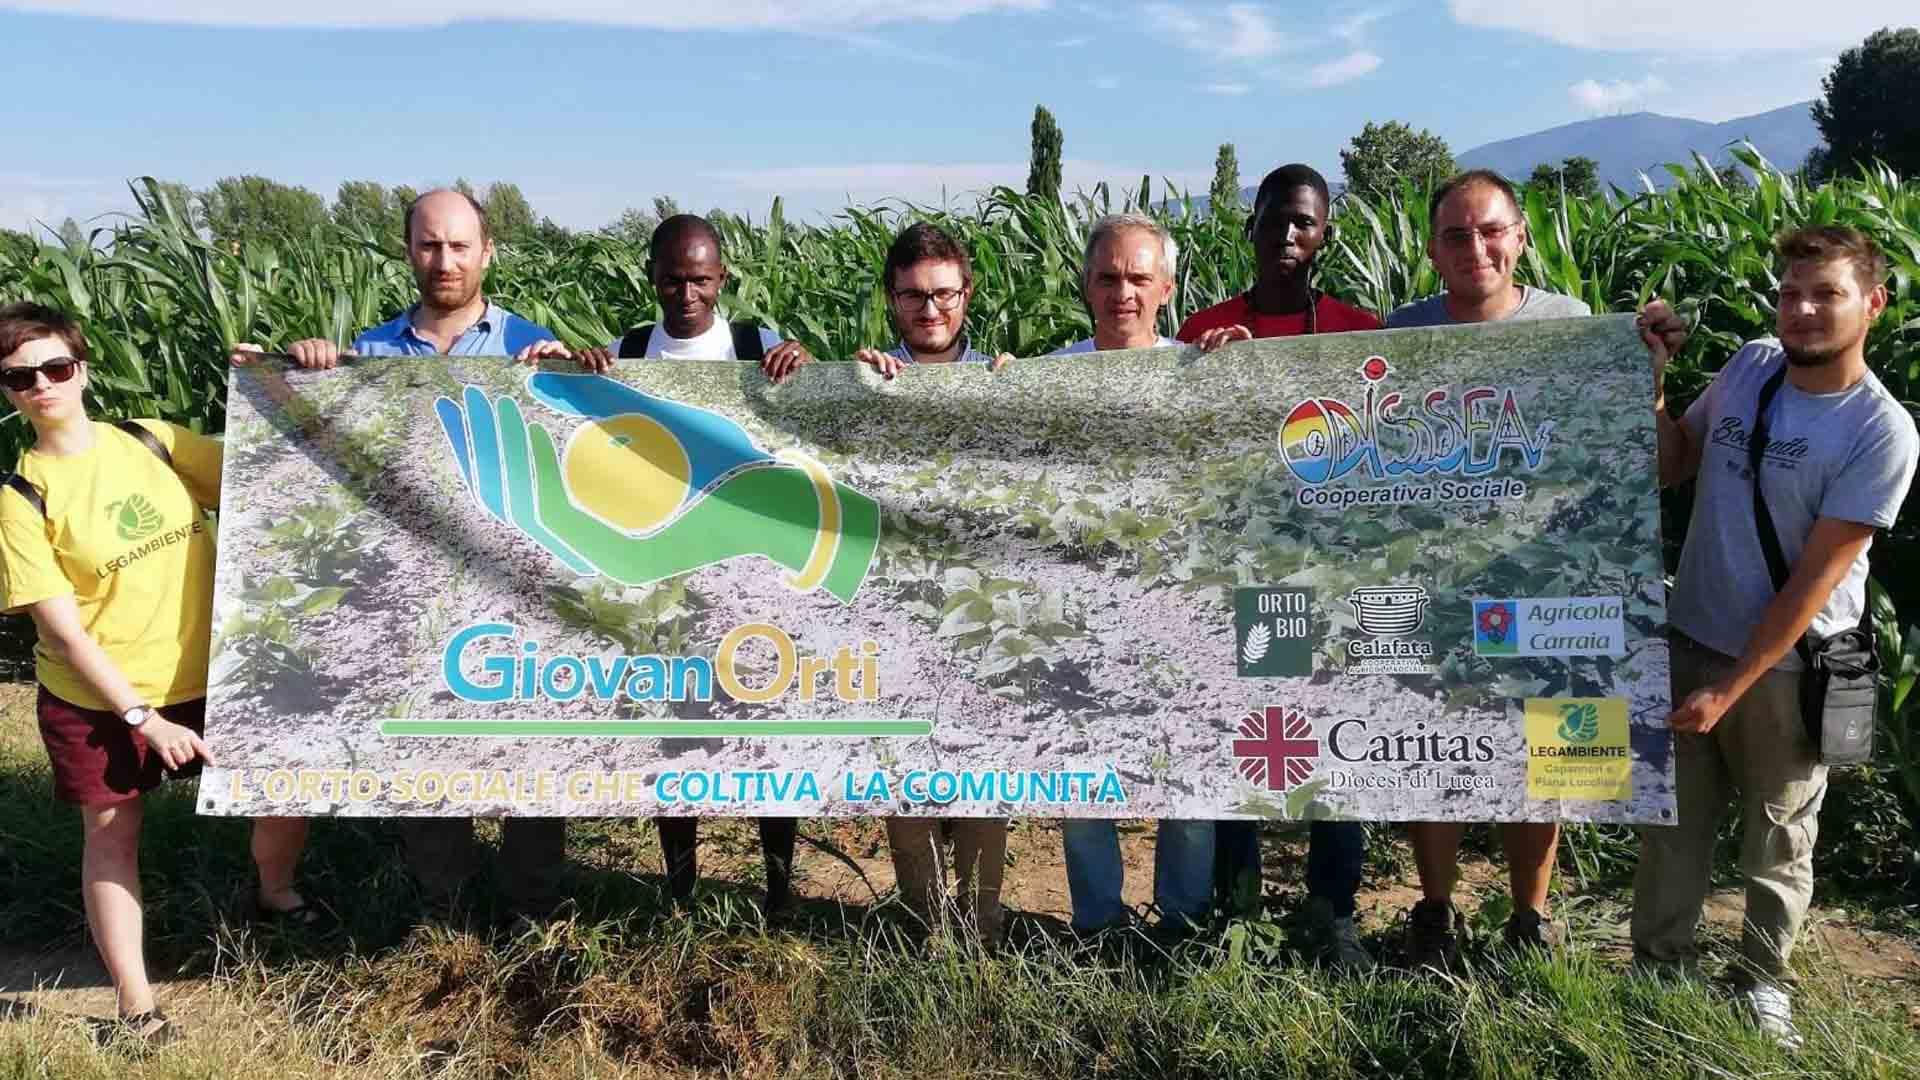 Ortofficina e altre associazioni fanno agricoltura sostenibile